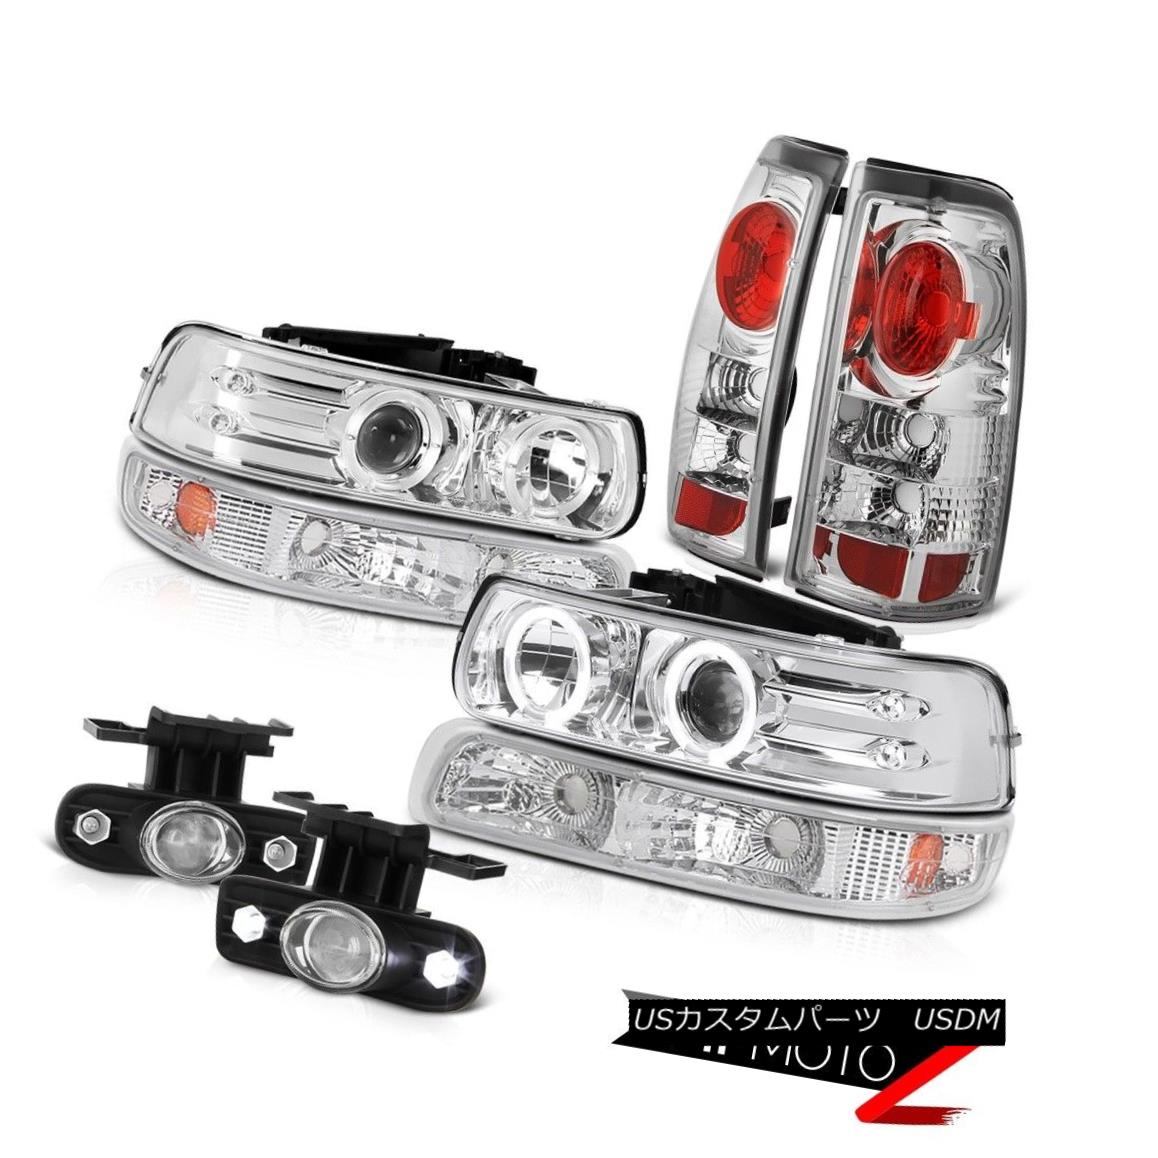 ヘッドライト 99-02 Chevrolet Silverado 2500 CCFL Halo DRL Headlights Bumper Lights Foglight 99-02 Chevrolet Silverado 2500 CCFL Halo DRLヘッドライトバンパーライトFoglight